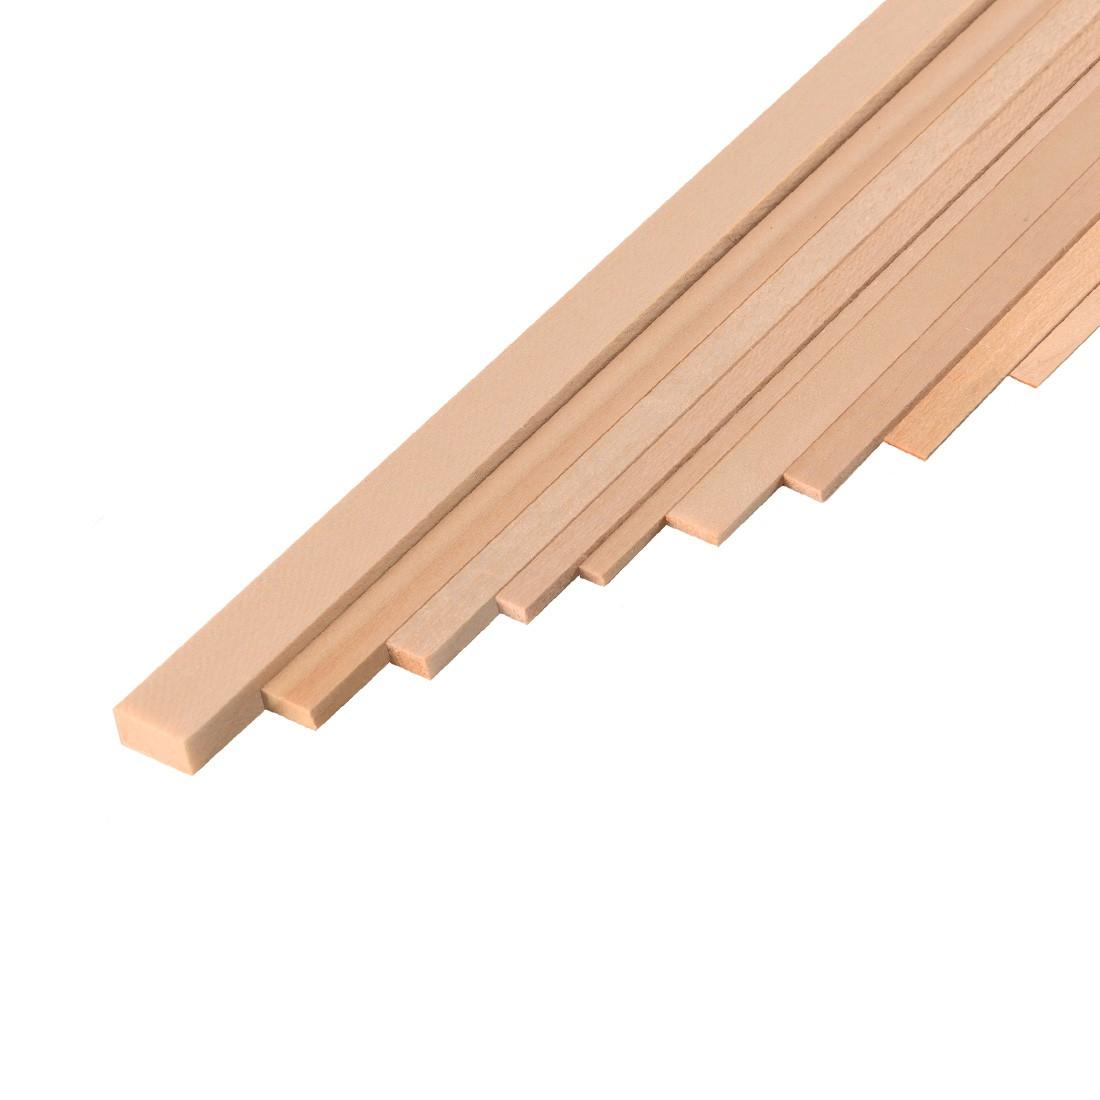 Llistelli Tiglio  mm.0,5x5